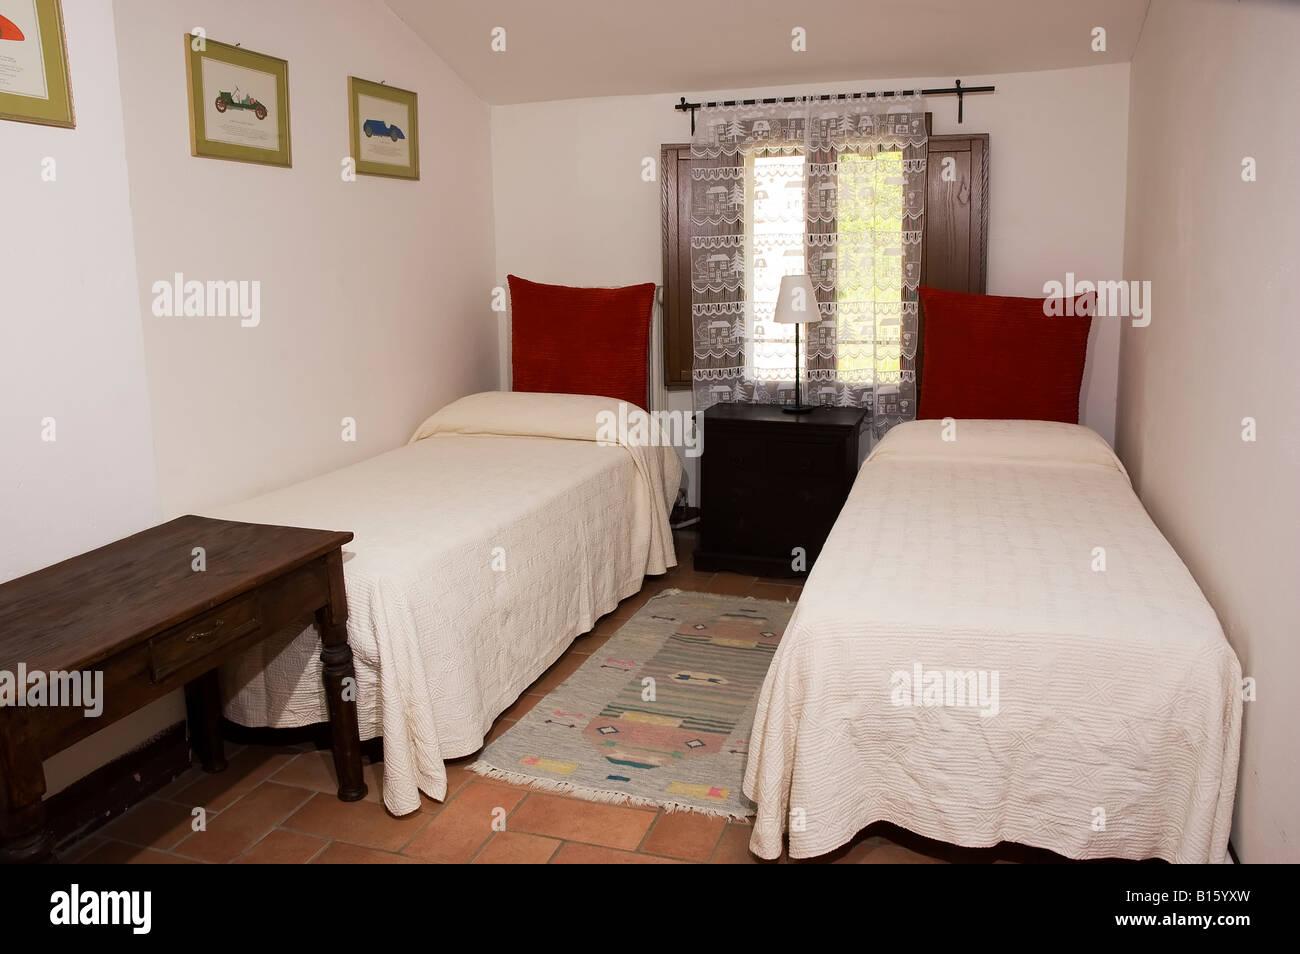 Dos camas individuales en una habitaci n de hotel r stico - Dos camas en una ...